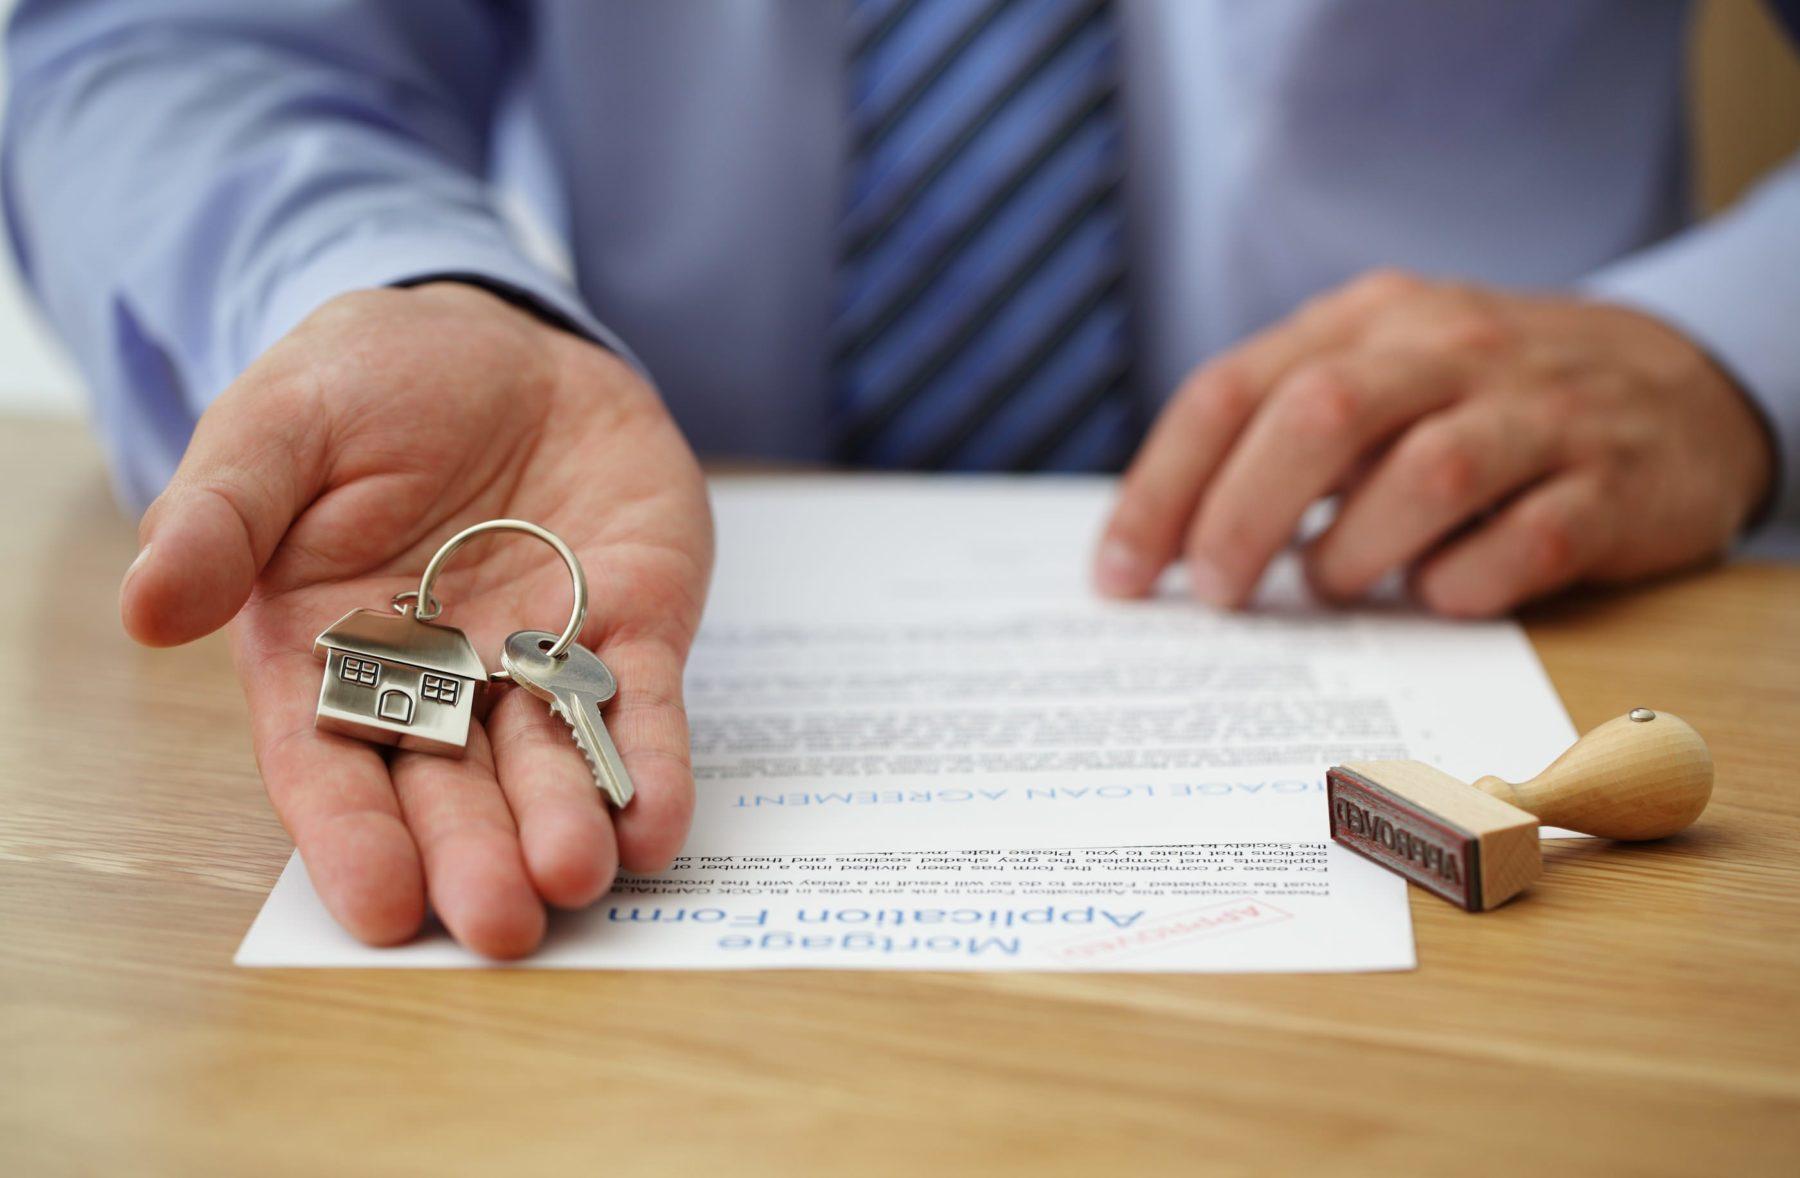 Налог на продажу квартиры полученной по наследству что-нибудь